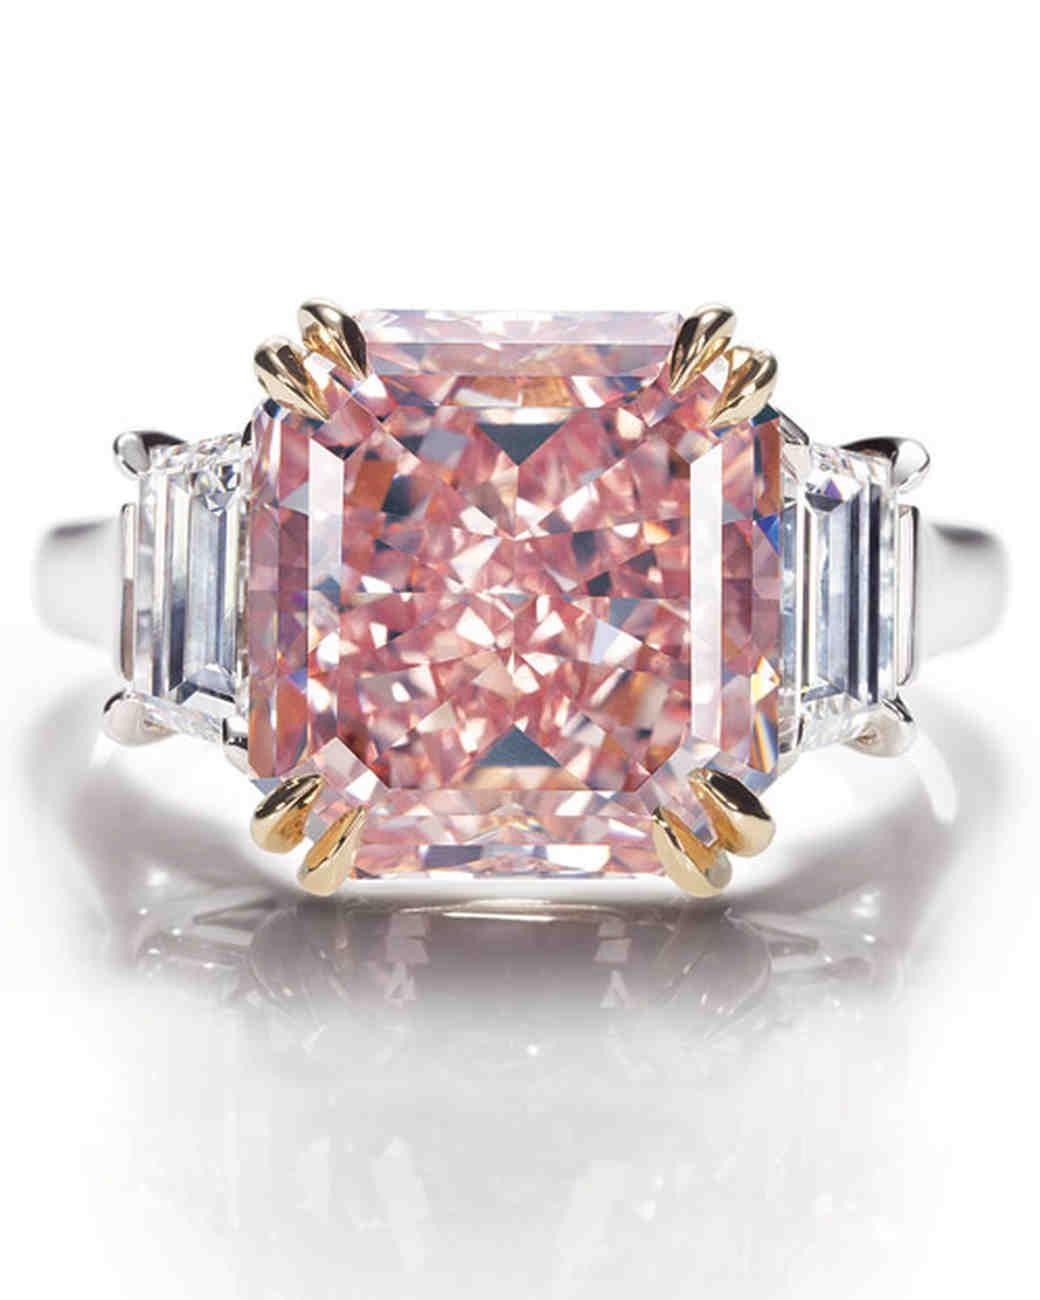 Asscher-Cut Diamond Engagement Rings | Fingers BLING | Pinterest ...